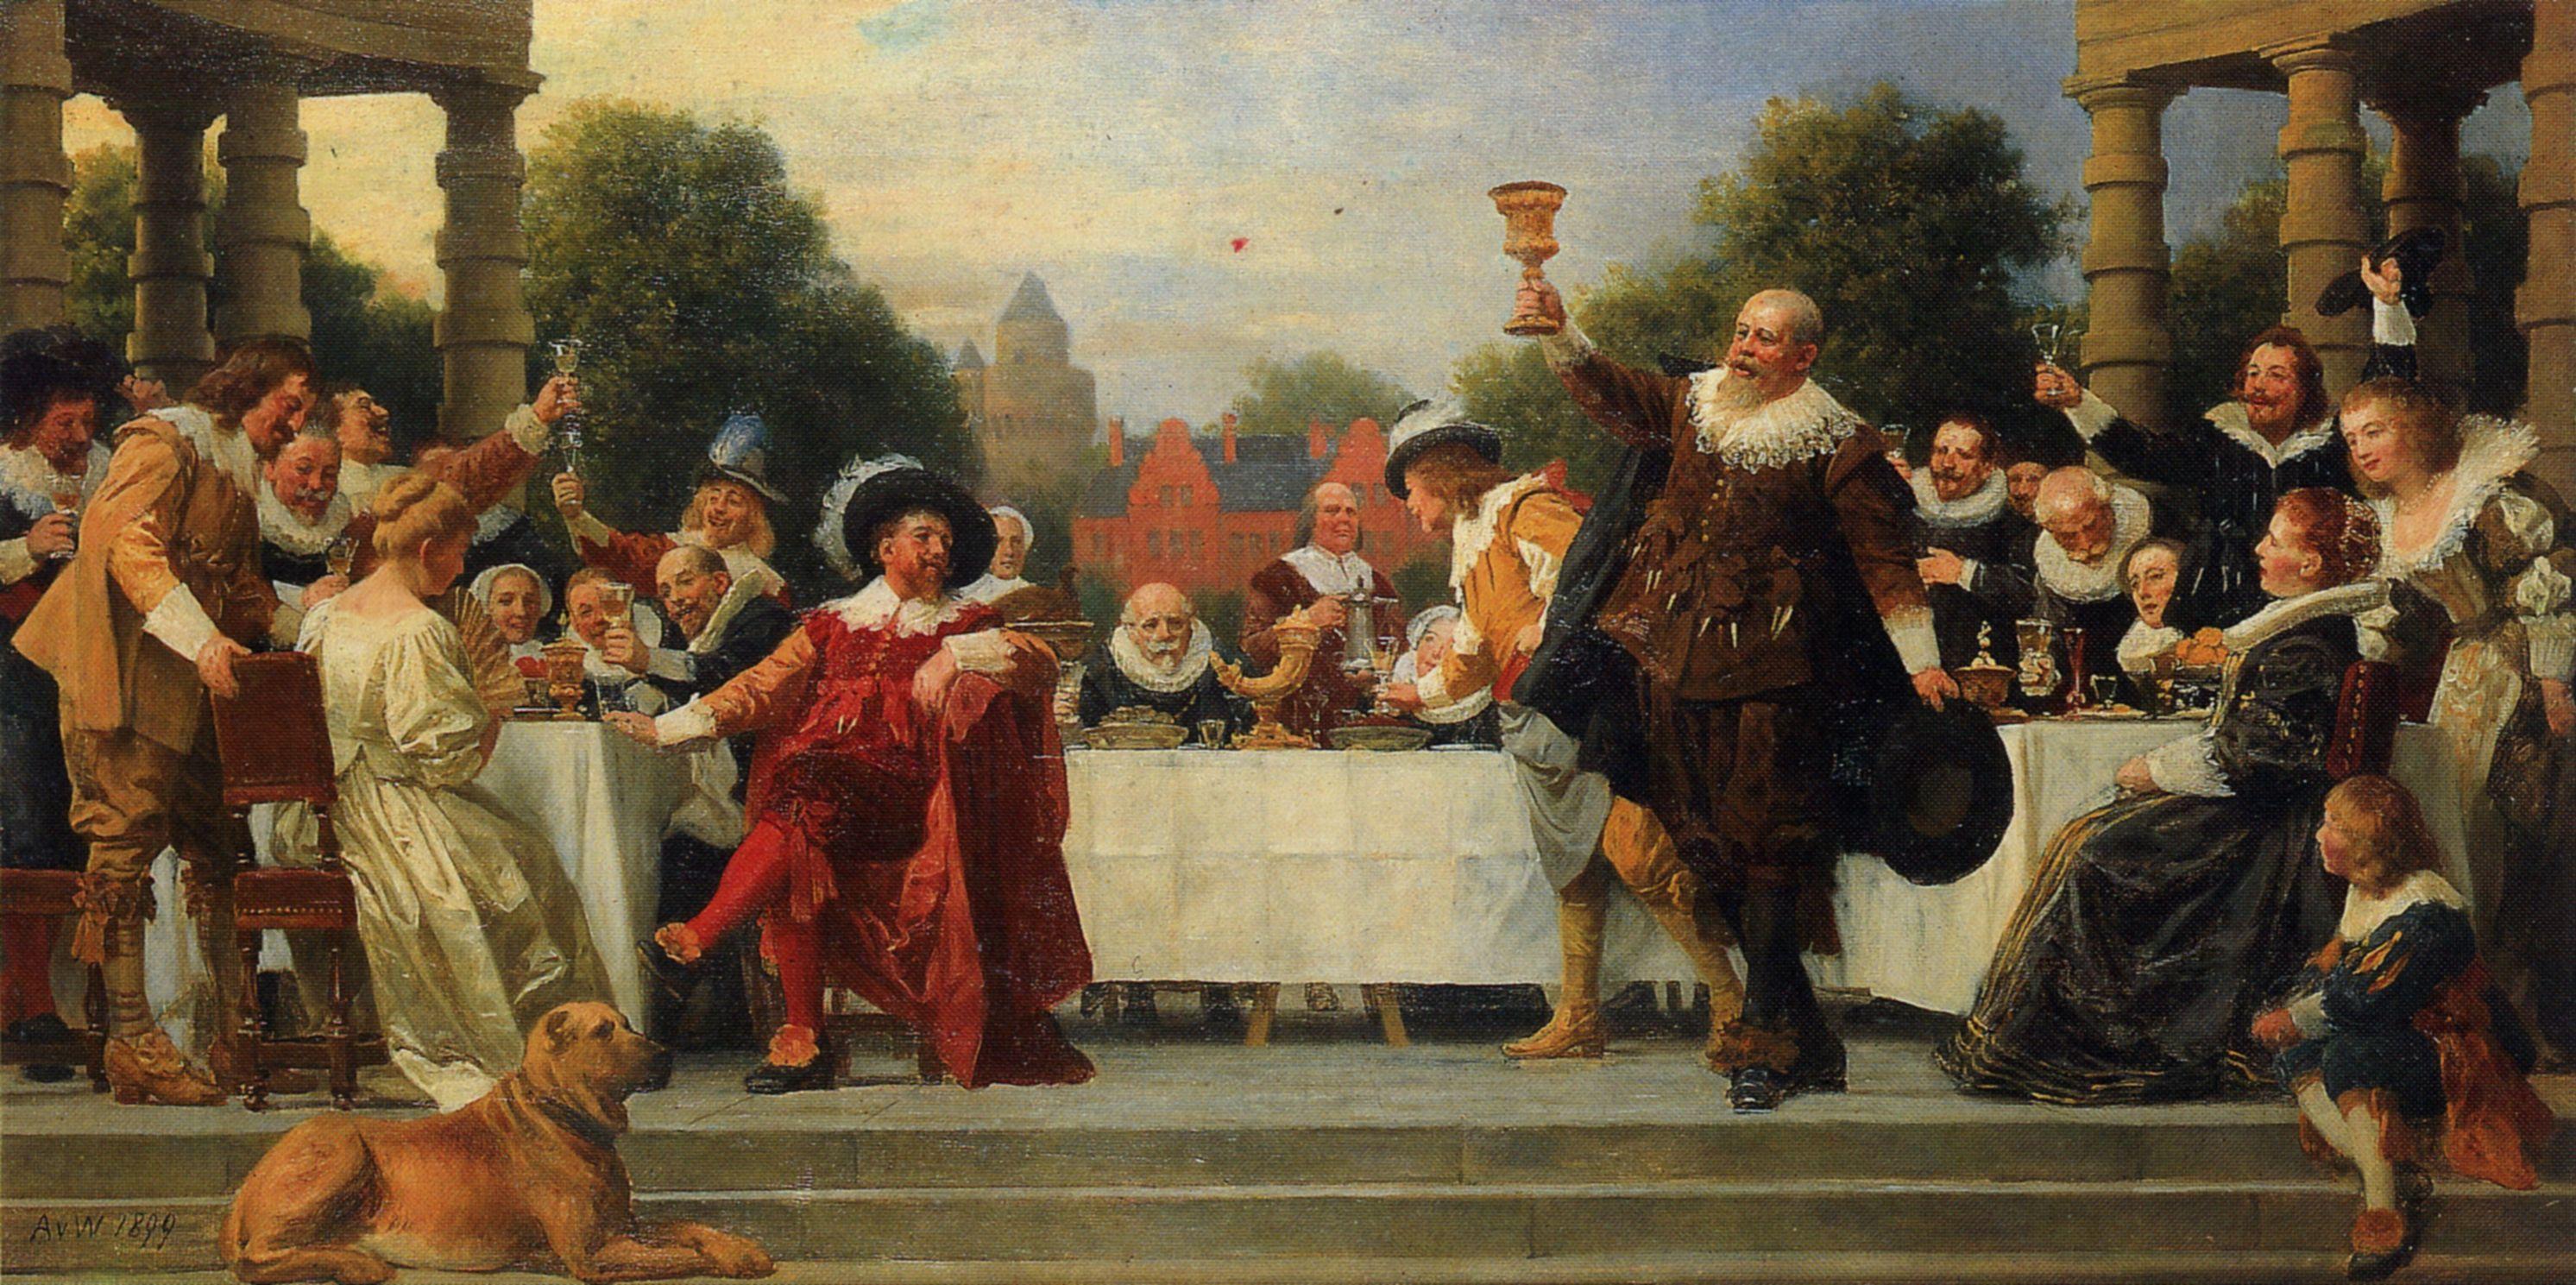 Werner anton von das gastmahl der familie mosse farbzkizze zum wandbild - Wandbild familie ...